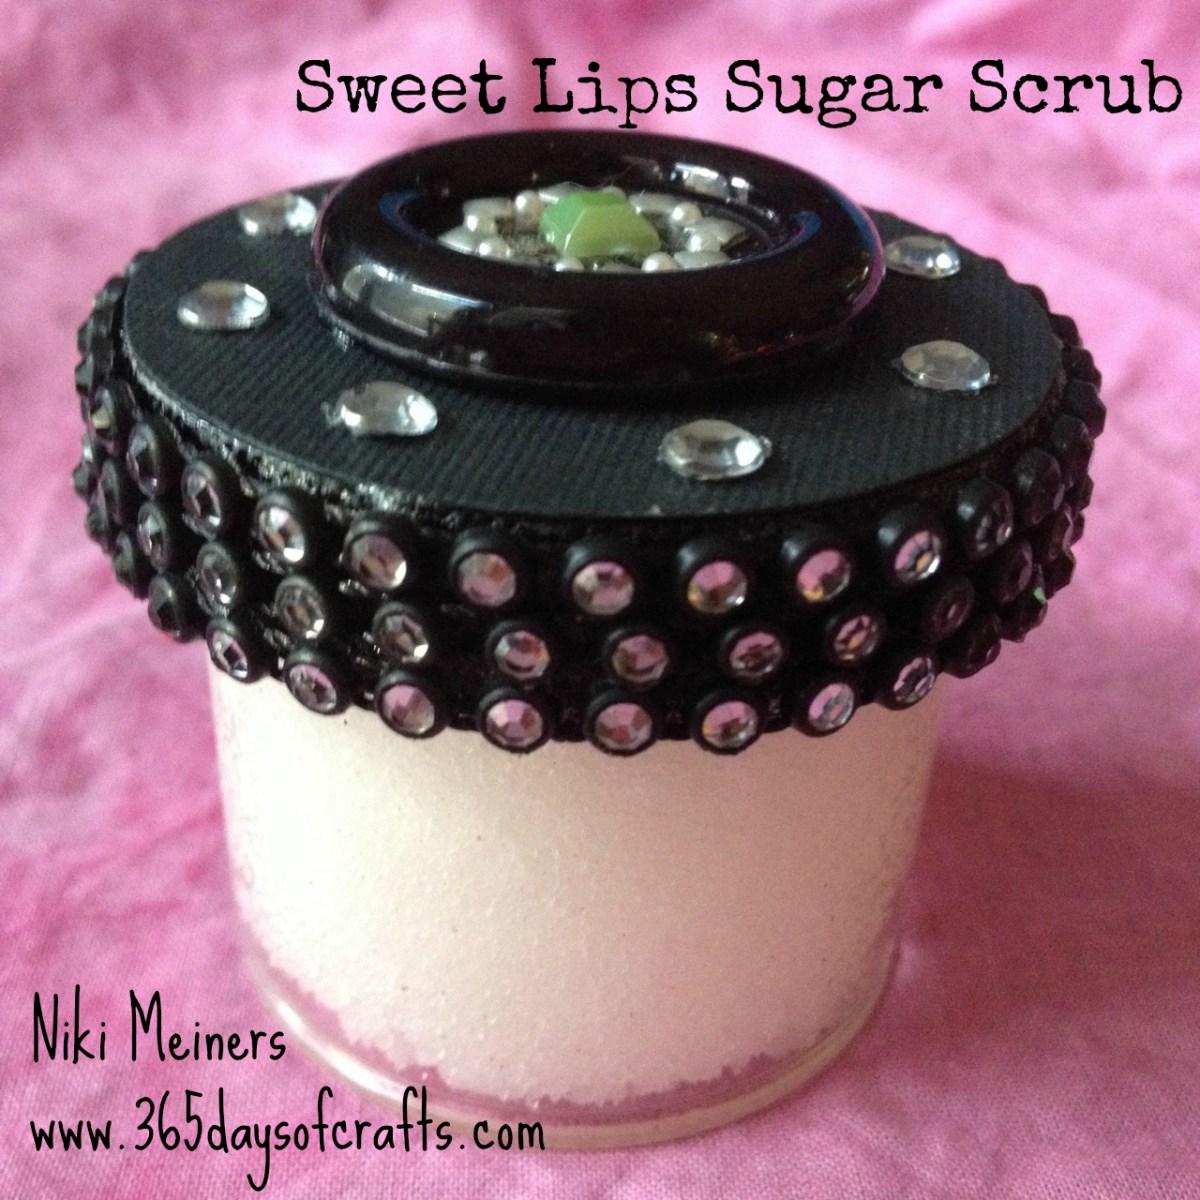 Sweet lips sugar scrub